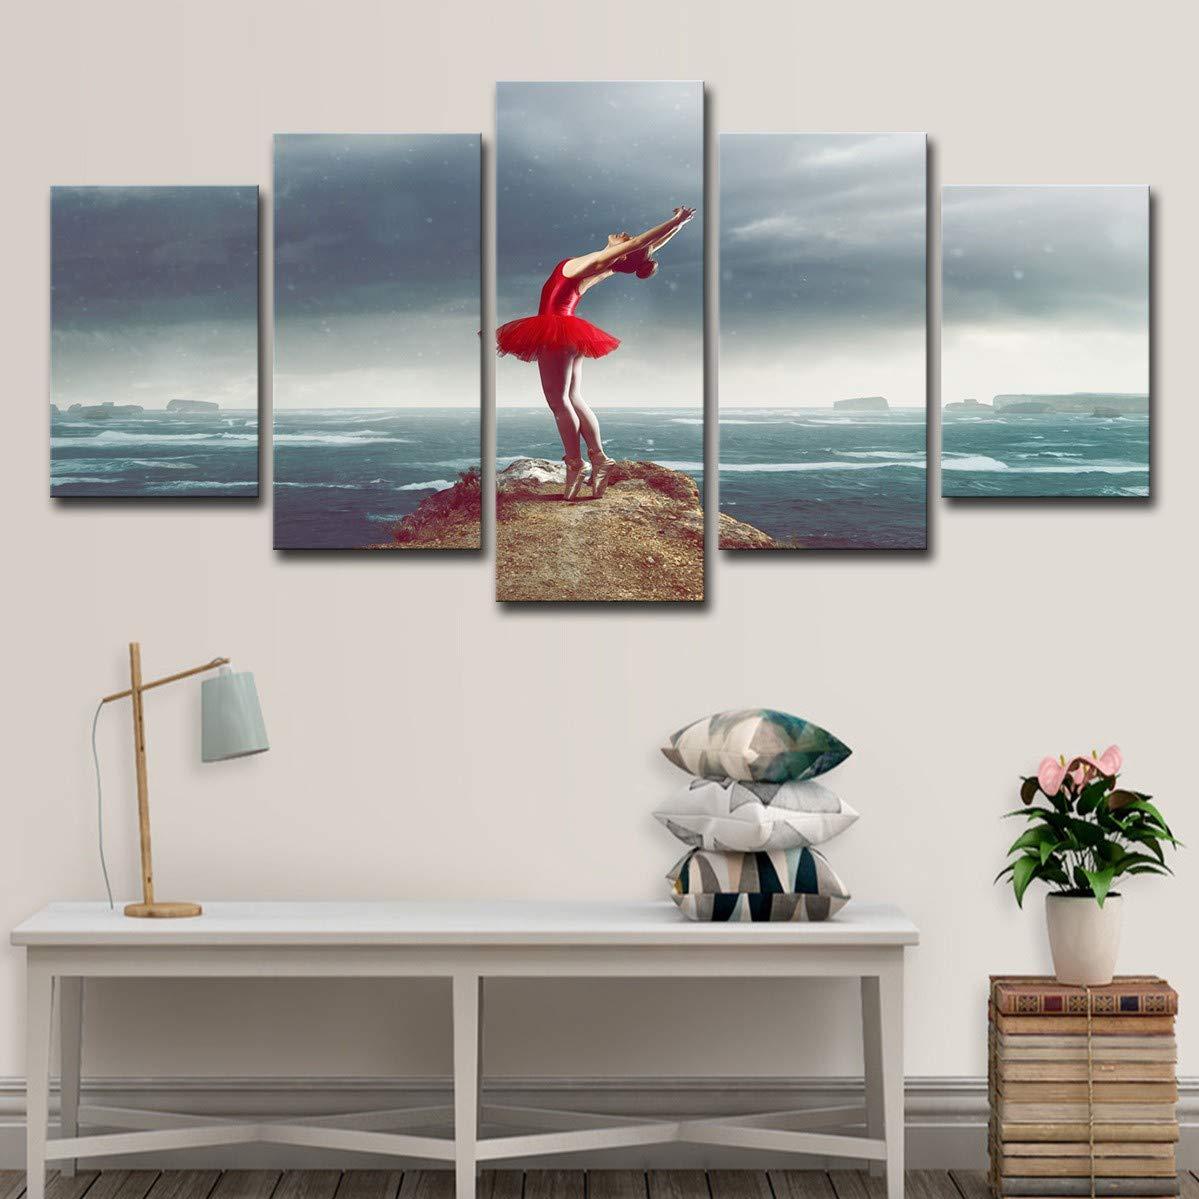 DYDONGWL Multi Panel Lienzo HD Imprime Sala Imágenes para Arte de la Pared de la Sala Imprime 5 Piezas Pinturas Bailarina de Ballet Sala de Arte Sala de Estar Decoración del hogar, 20X35cmX2 20X45cmX2 20X55cm 4715ff